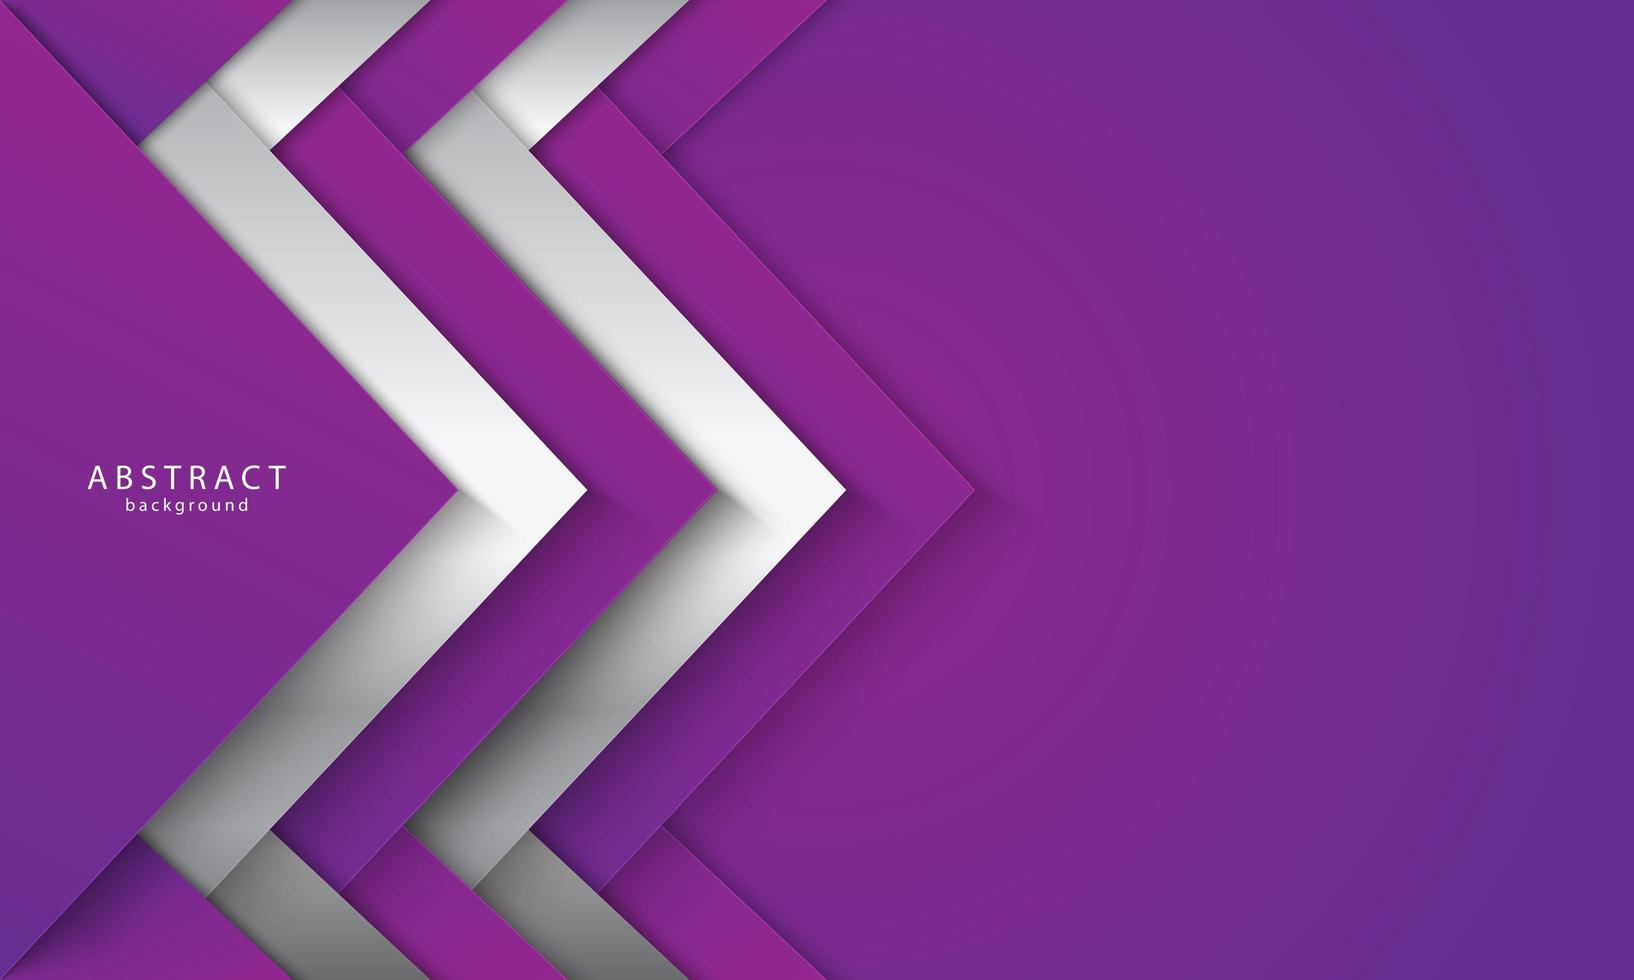 forme sovrapposte ad angolo viola e bianco vettore